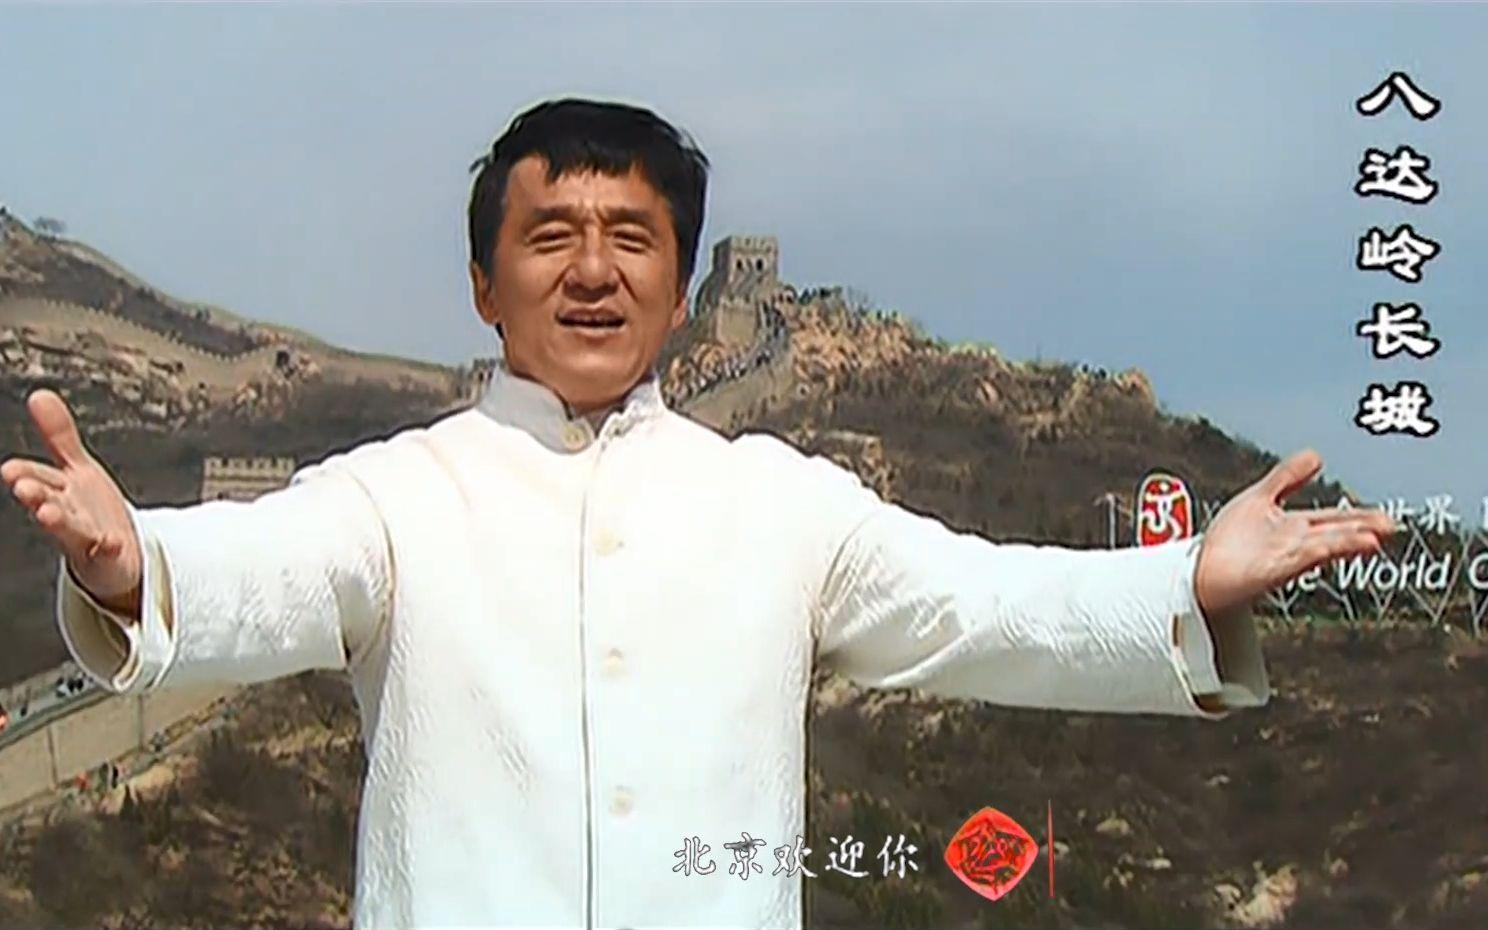 刘德华奥运会闭幕式_【高清修复】北京欢迎你 MV(北京2008奥运会主题曲)_哔哩哔哩 ...